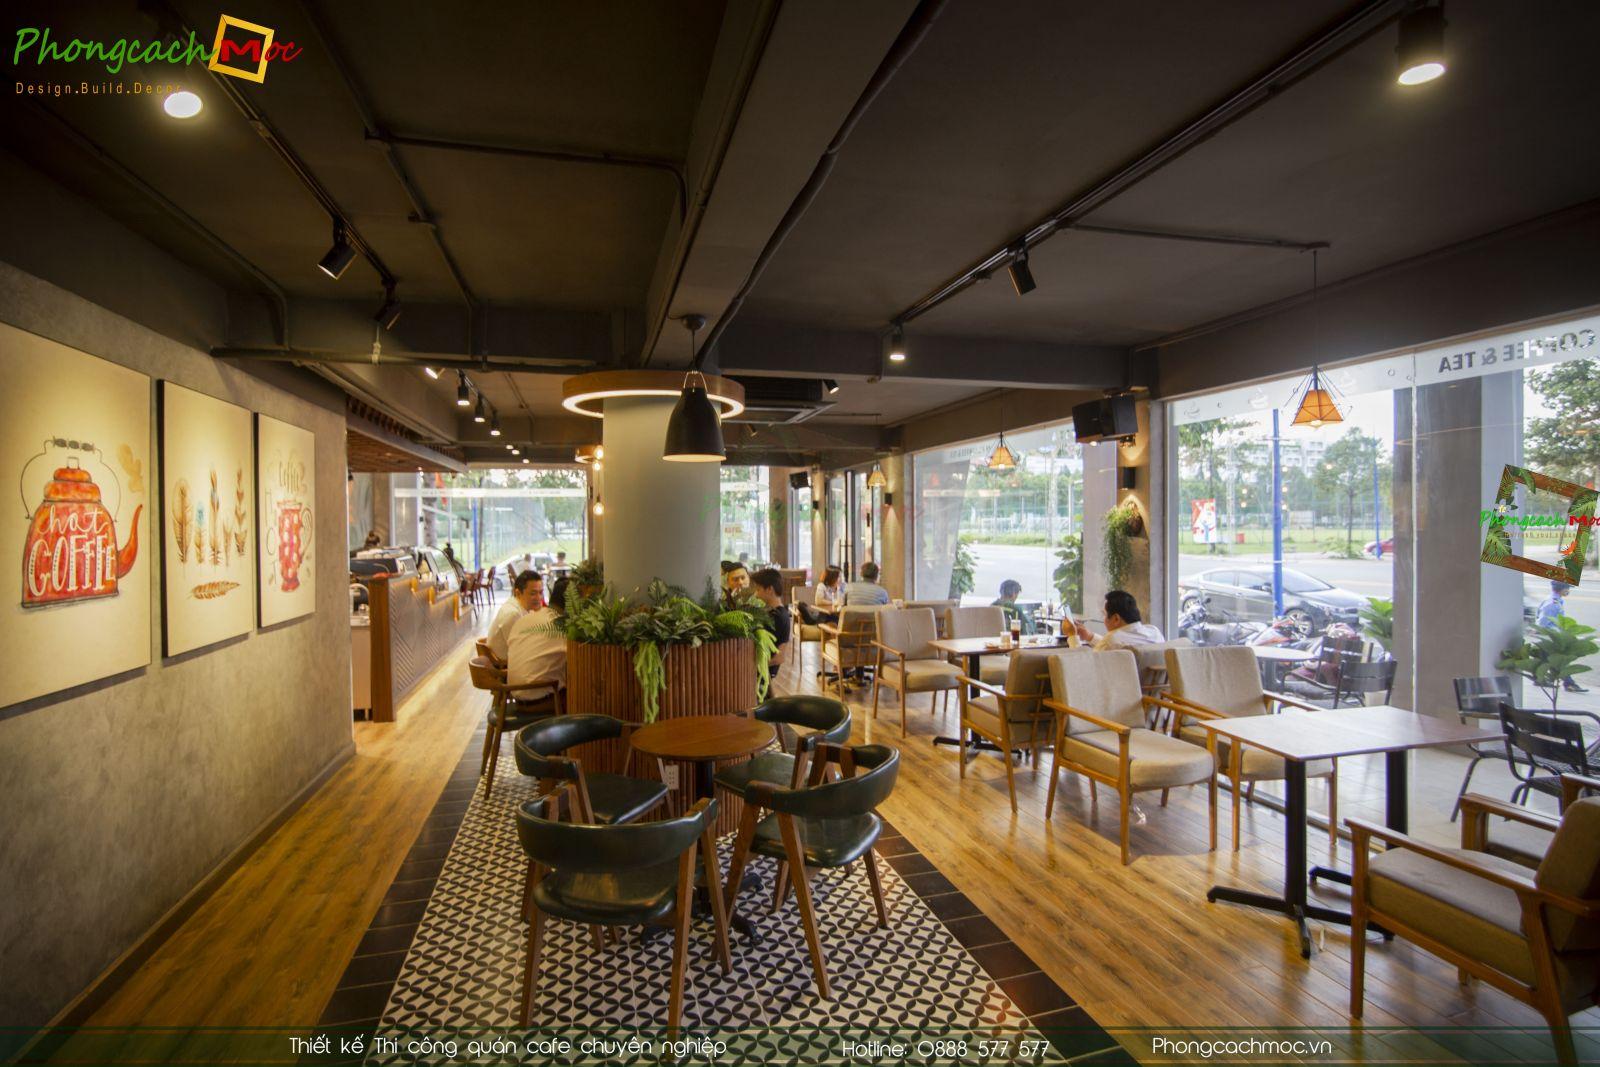 thiet-ke-thi-cong-quan-cafe-mong-coffee-binh-duong5